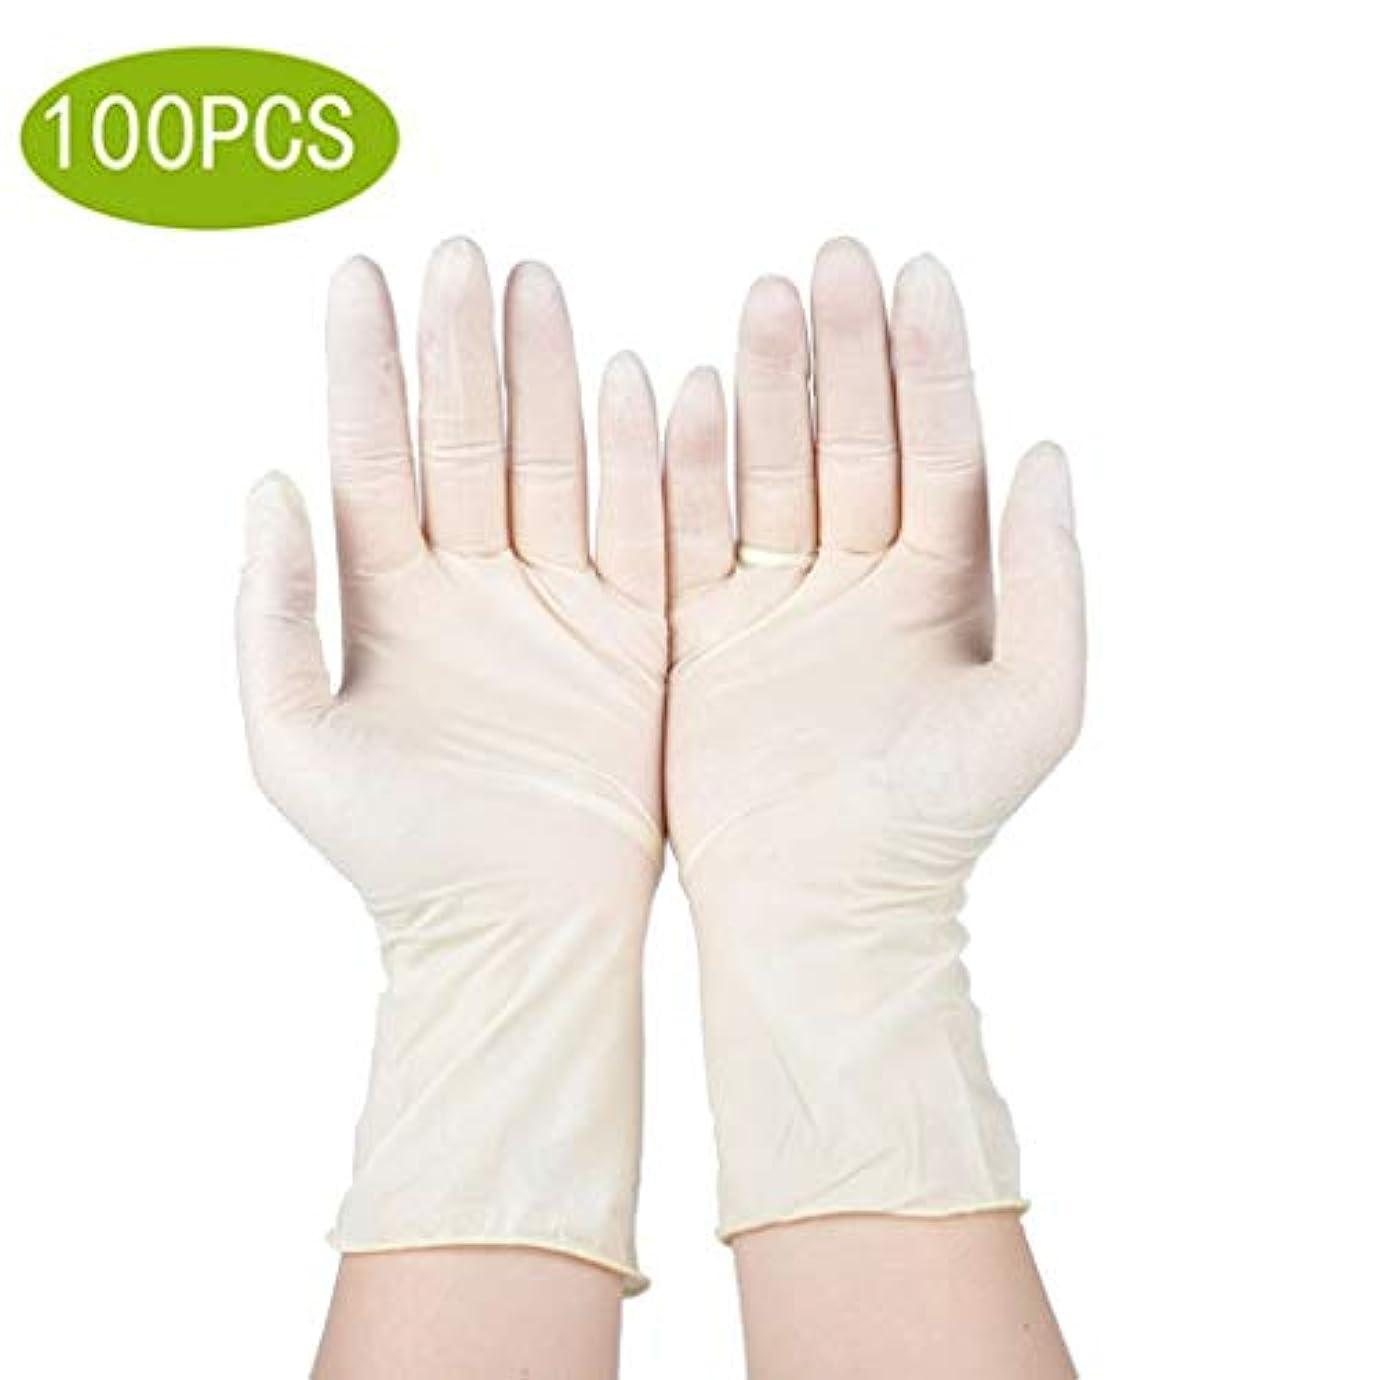 生じる周囲再現するニトリル手袋義務使い捨てビニール手袋、100カウント、特大 - パウダーフリー、両用性、超快適、極度の強度、耐久性と伸縮性、医療、食品、マルチユース (Color : Latex Gloves, Size : M)